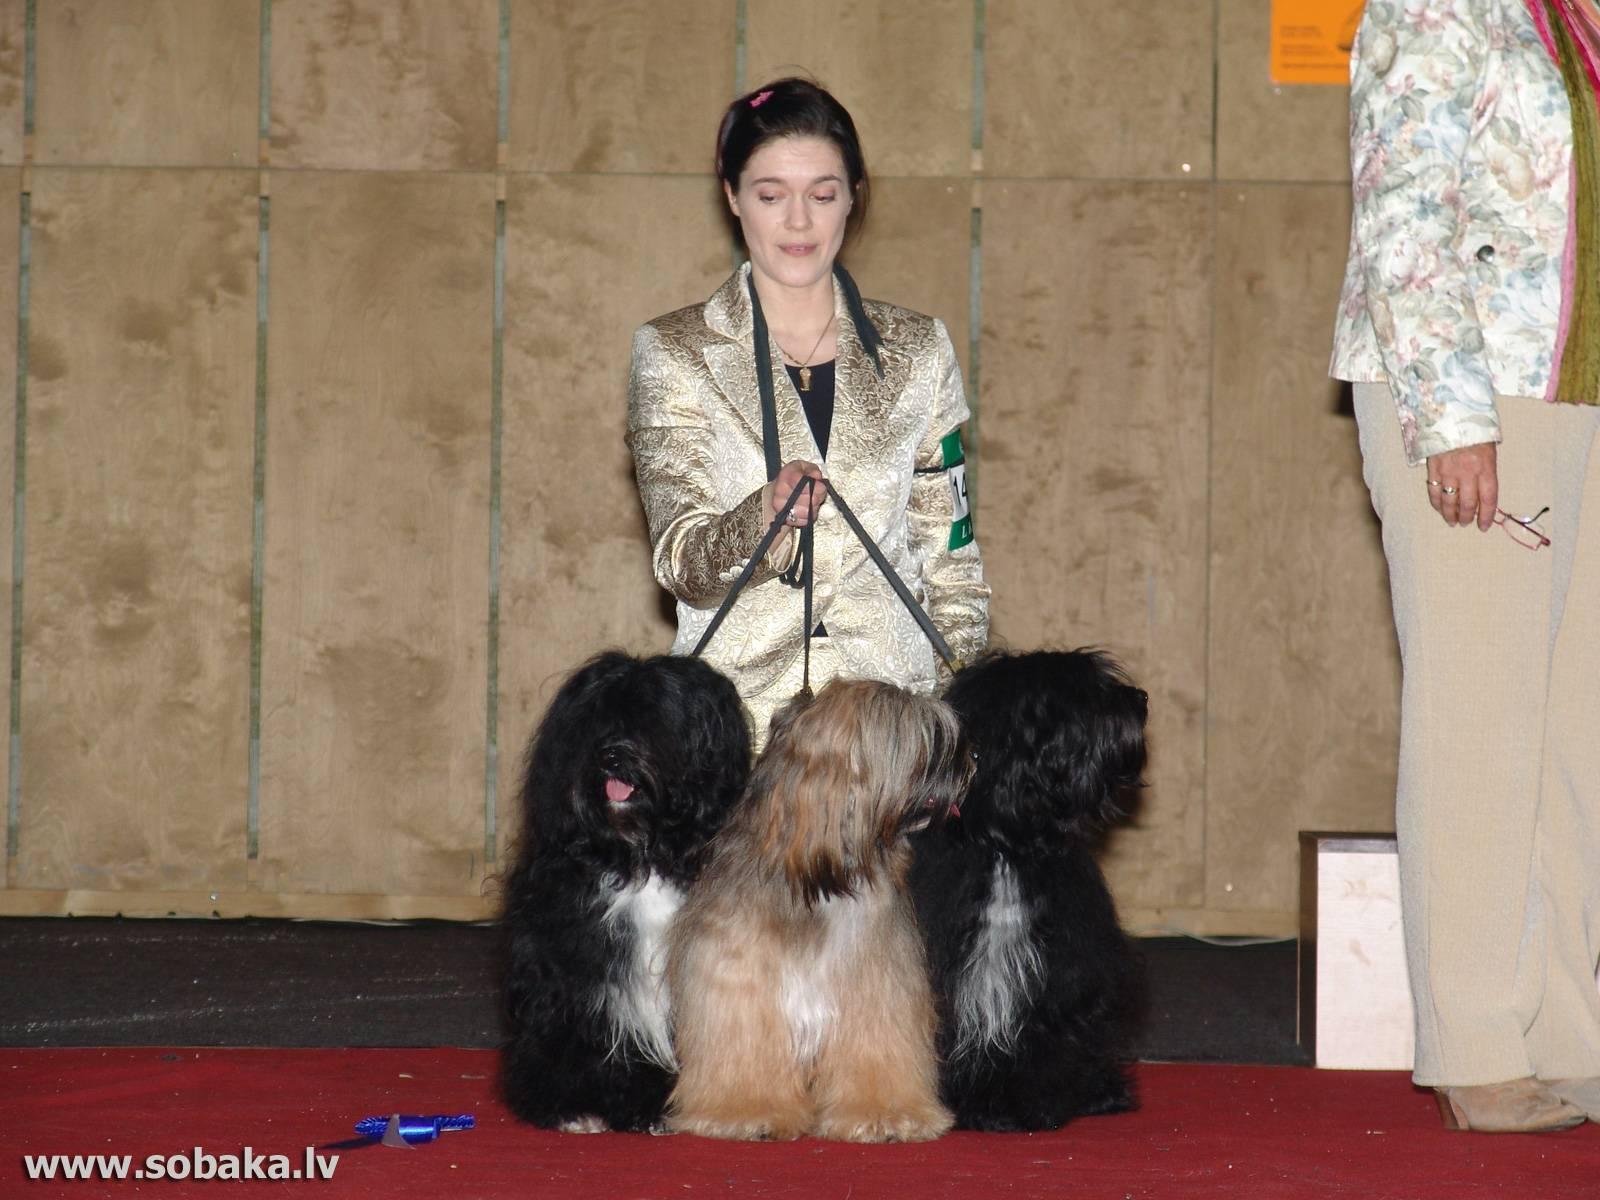 Тибетский терьер: описание породы и секреты содержания собак